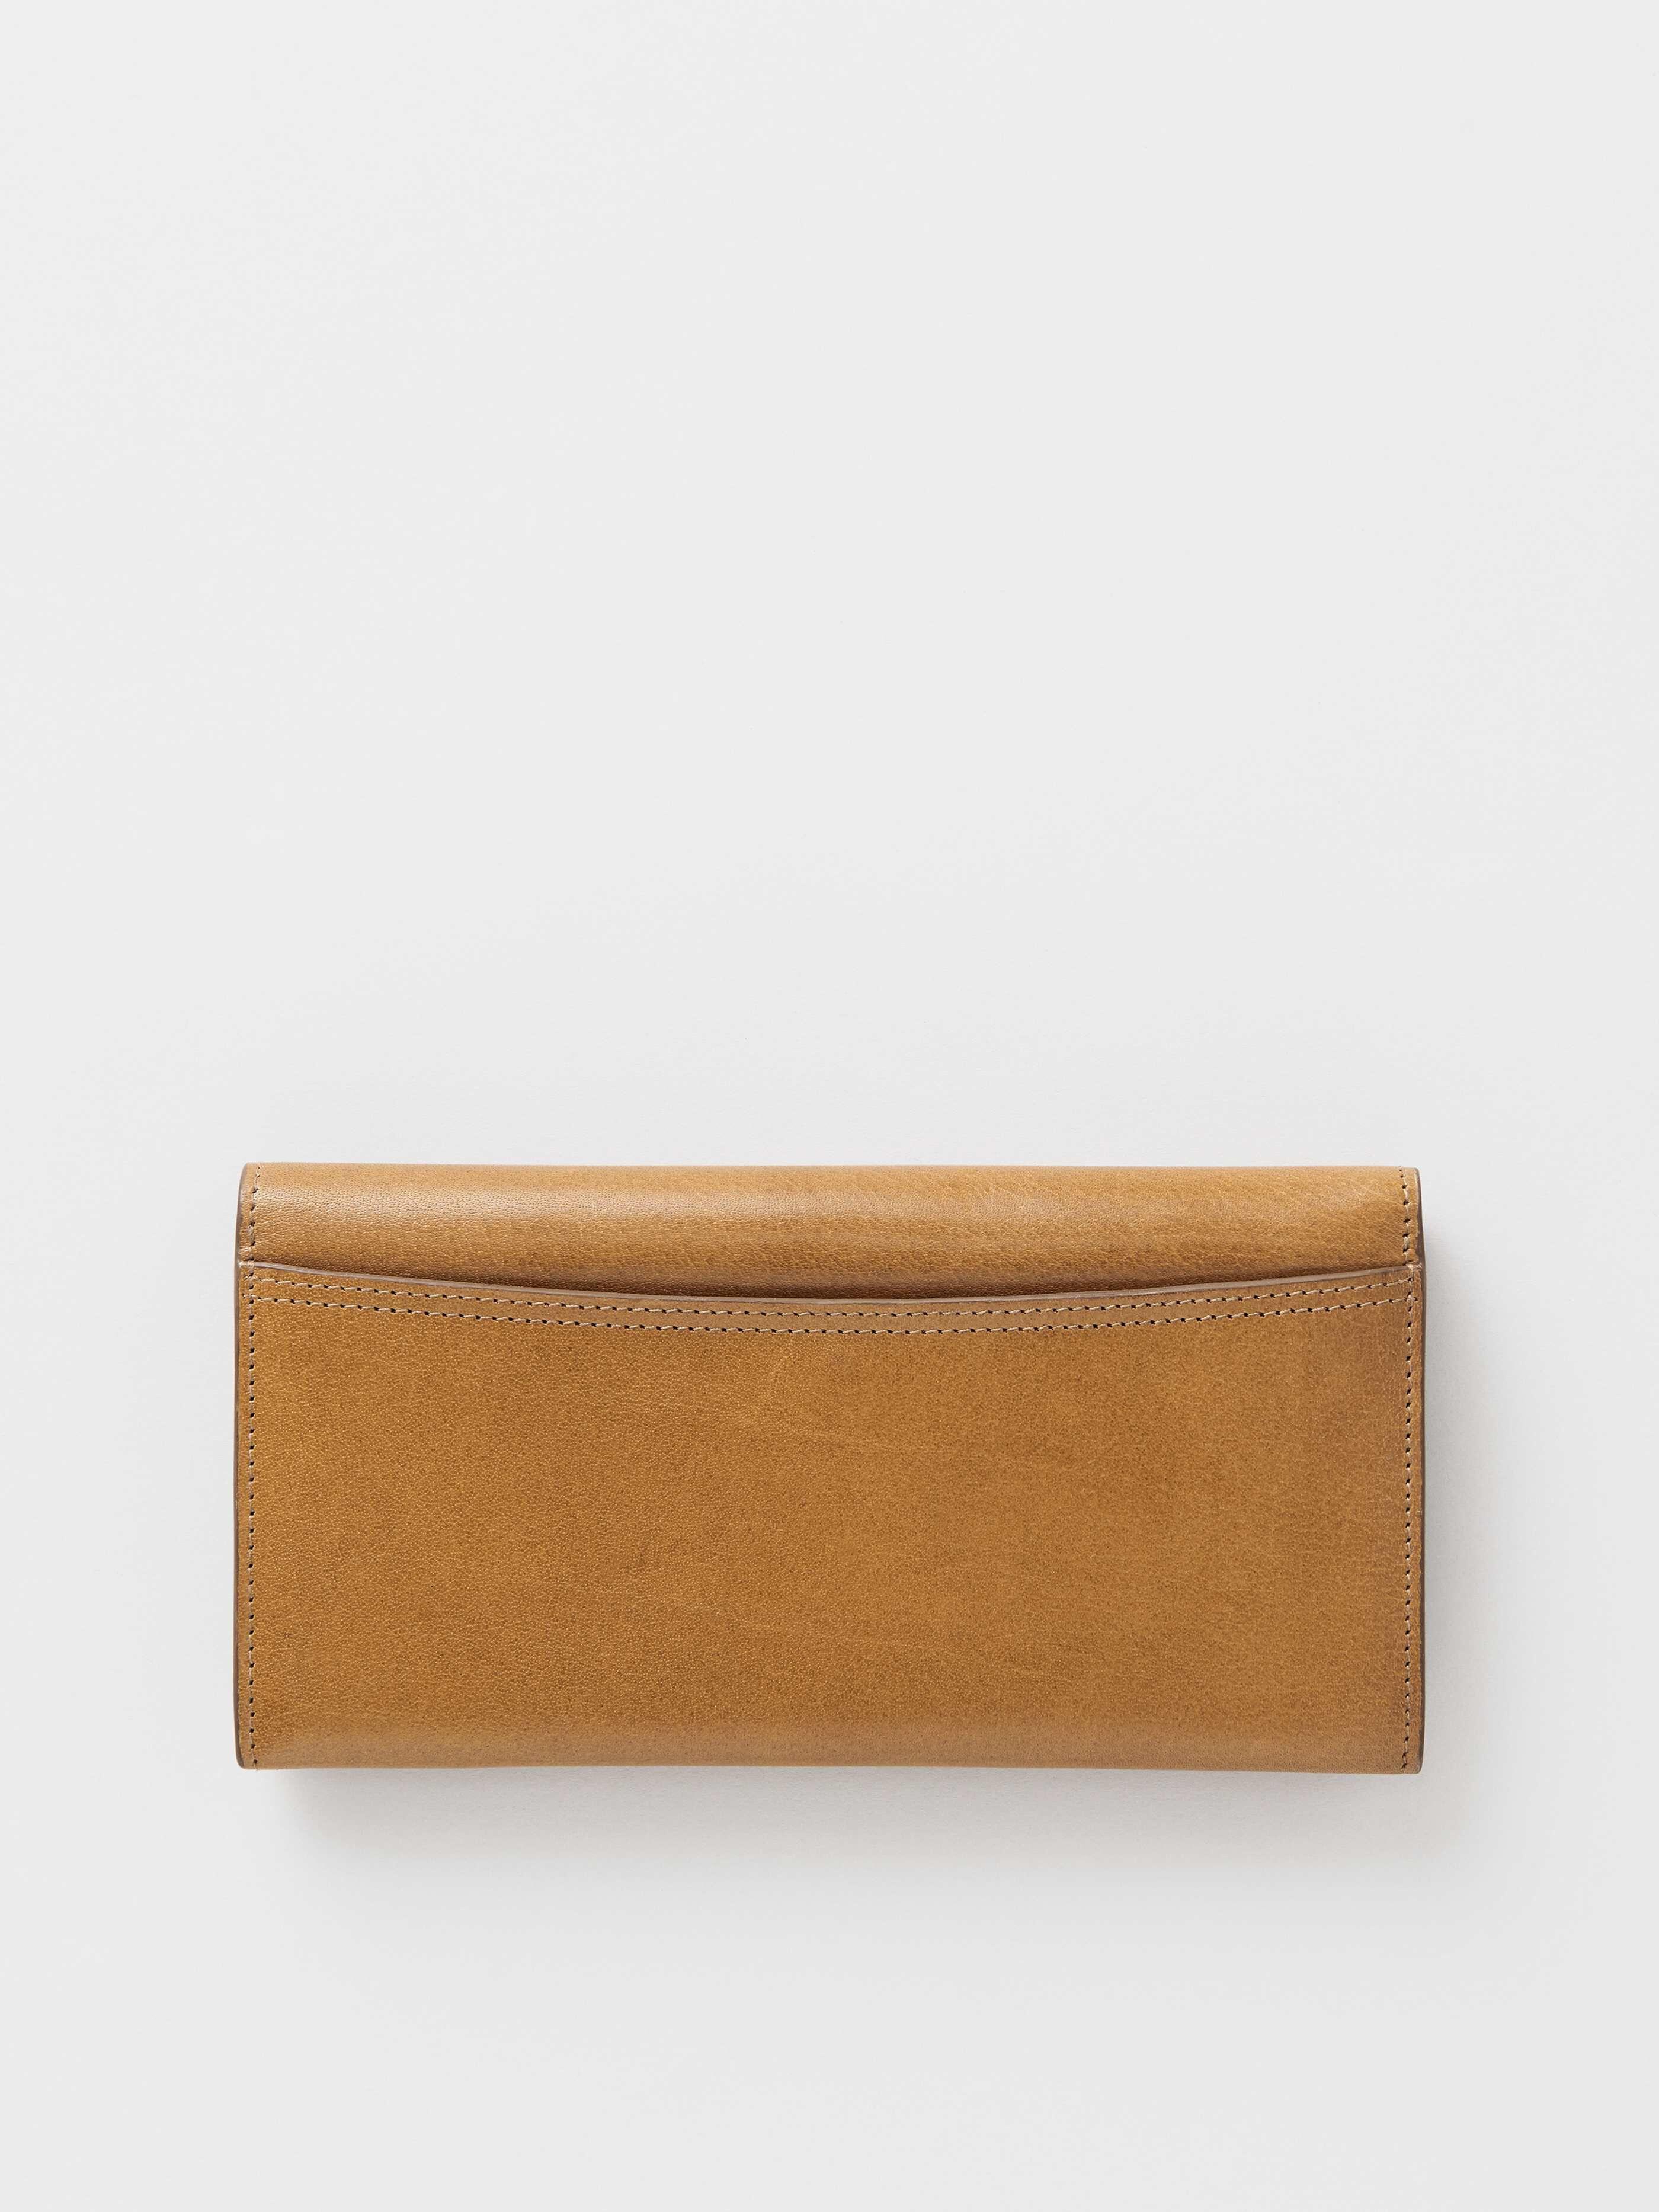 Kaufen Monello Monello Online Brieftasche Brieftasche Online Kaufen Brieftasche Monello Online m8nw0vNO